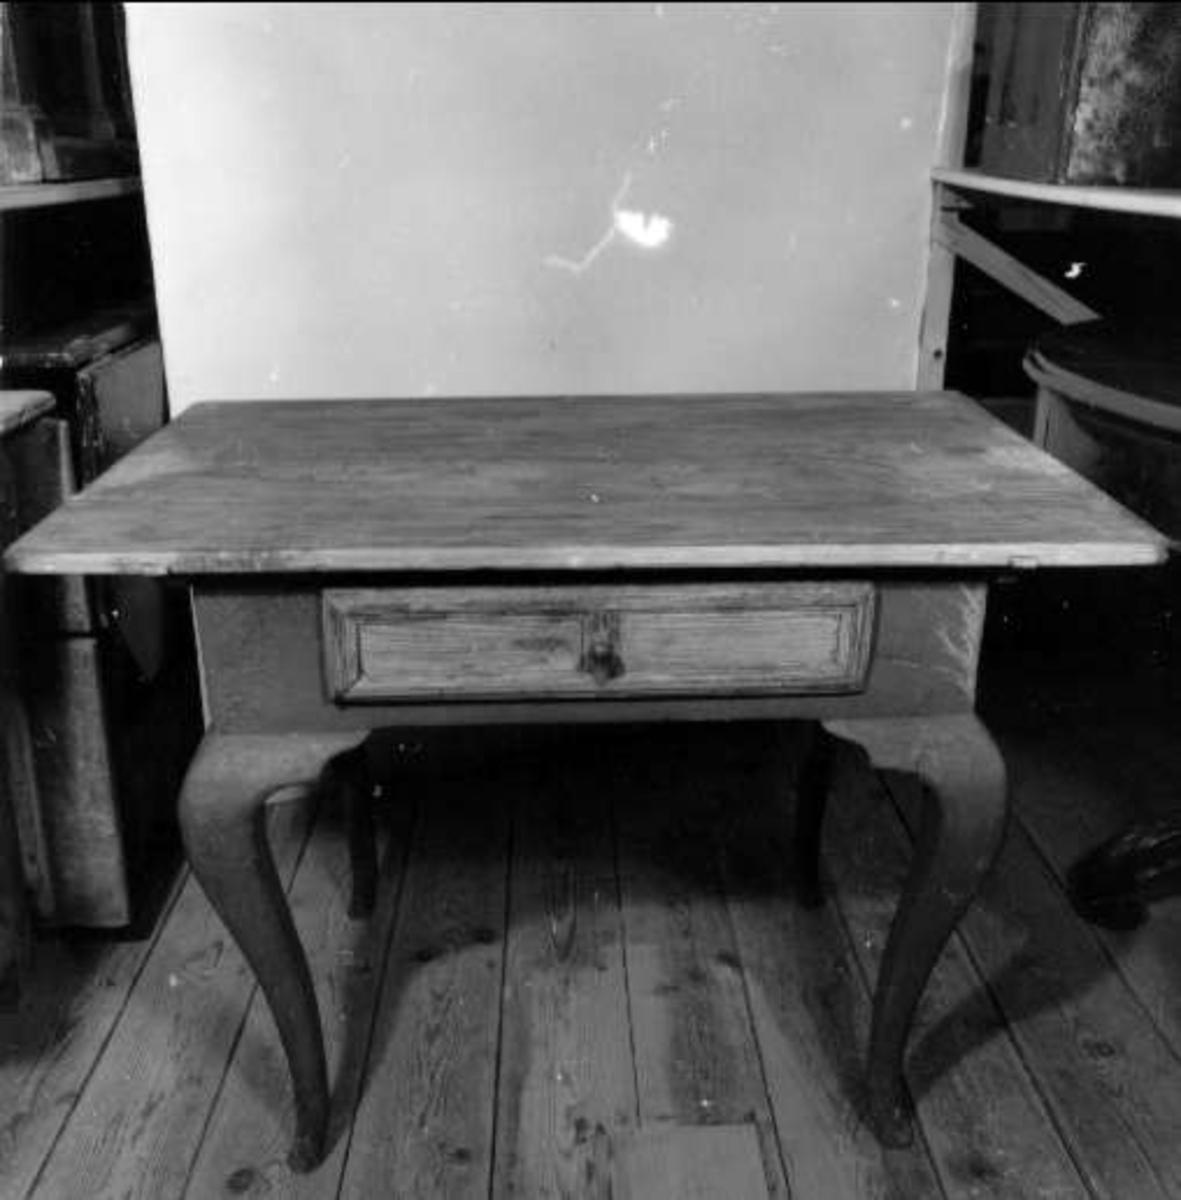 Rektangulärt bord med svängda ben. En låda i sargen. Hopfogat med dymlingar. Rester av röd färg och under denna vit och blå färg.